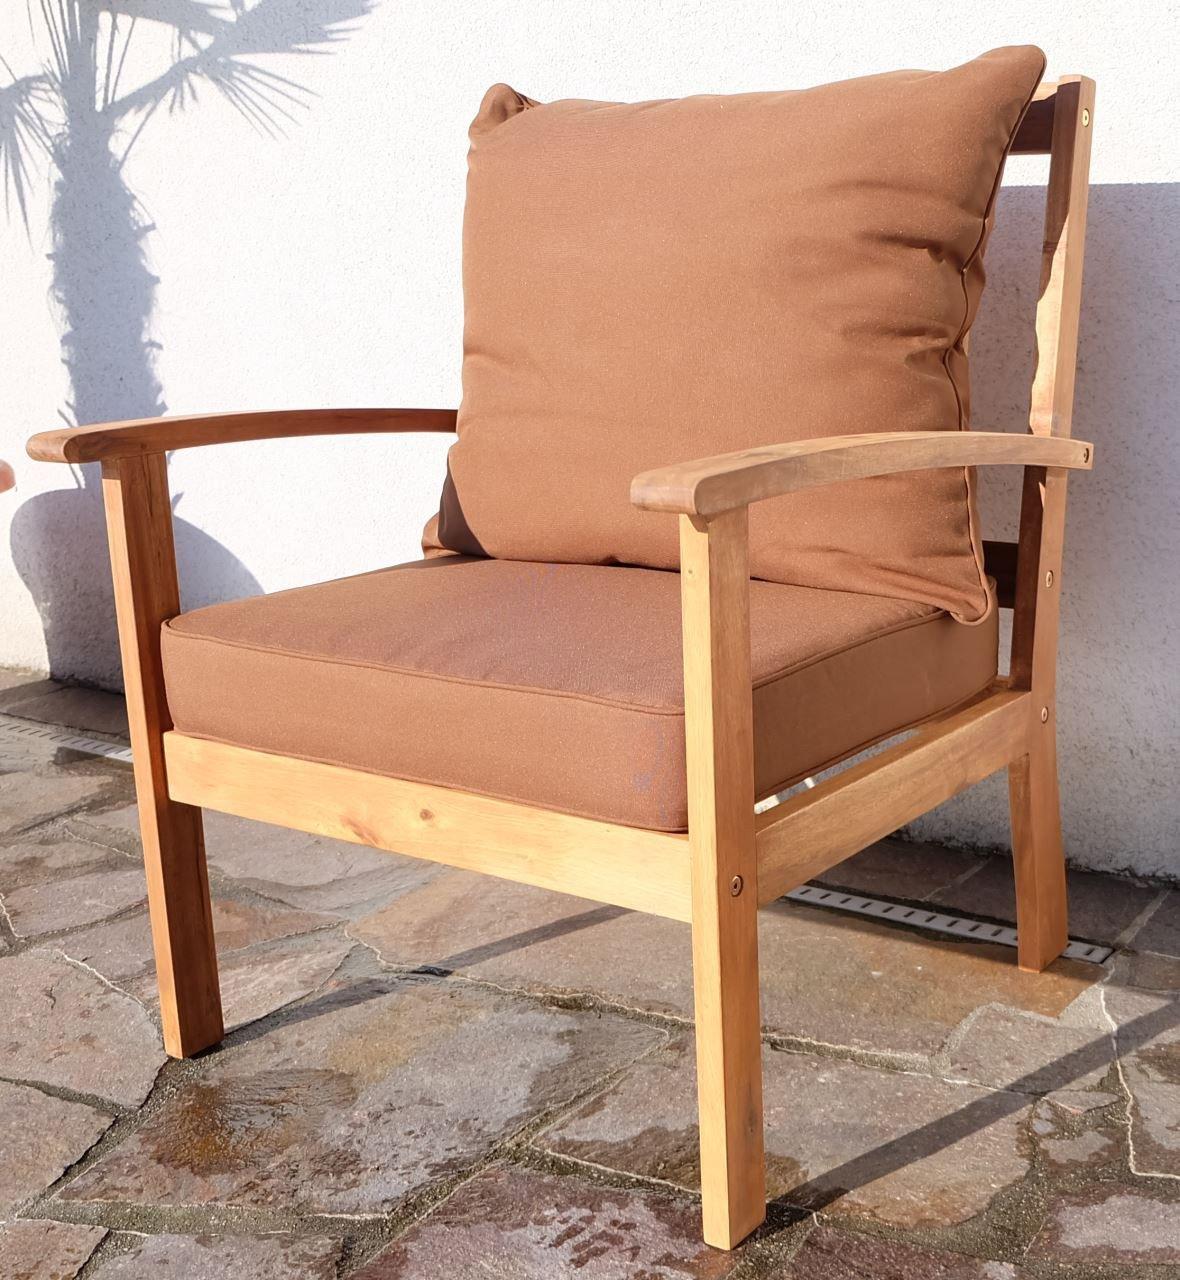 Design Sofa Sessel Gartensessel Gartenstuhl Sessel Holzsessel Gartenmöbel Holz Akazie wie Teak PALMA mit Sitzkissen von AS-S günstig bestellen